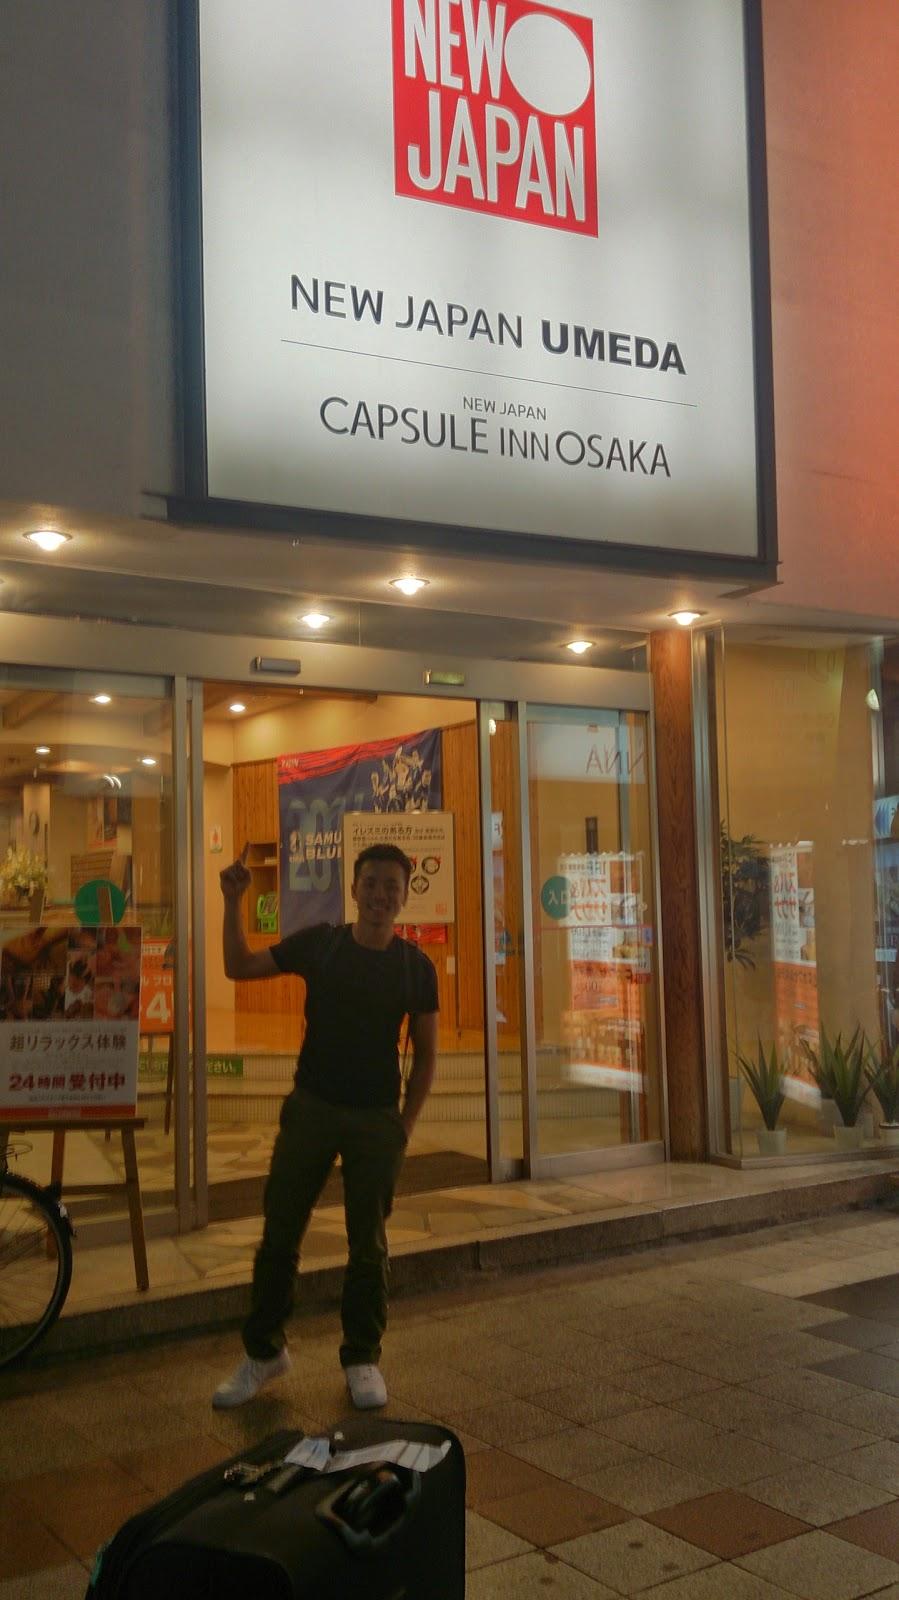 大阪自由行部落格 日本關西旅遊景點,交通,住宿介紹: 大阪自由行 這就是傳說中的膠囊旅館!!!